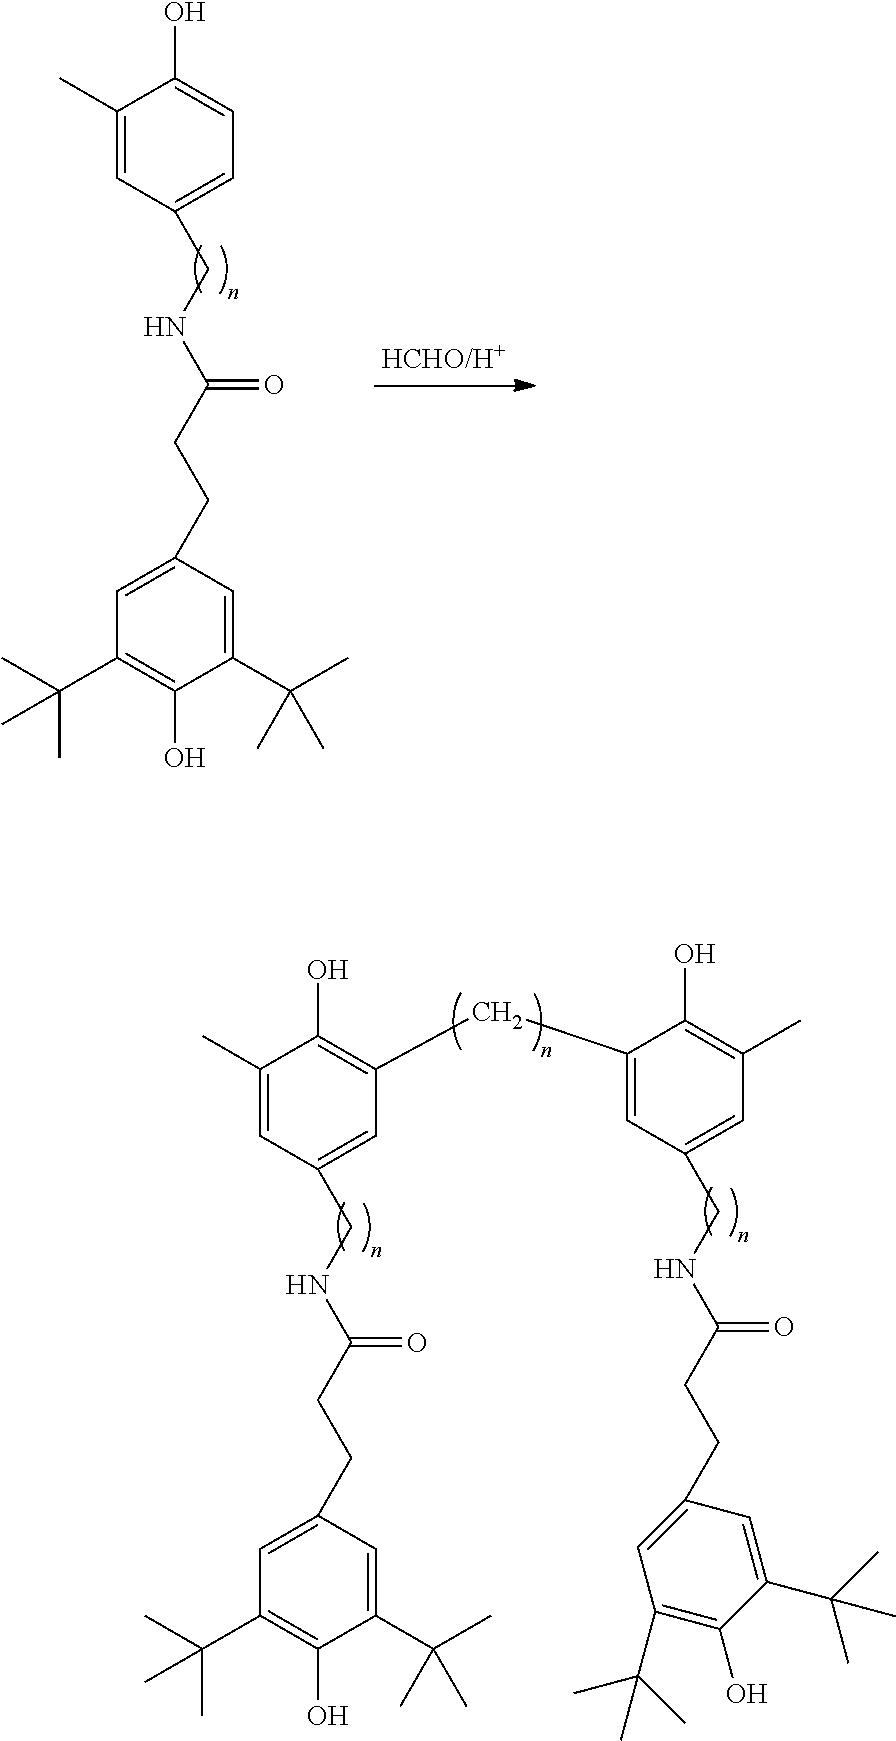 Figure US09950990-20180424-C00068